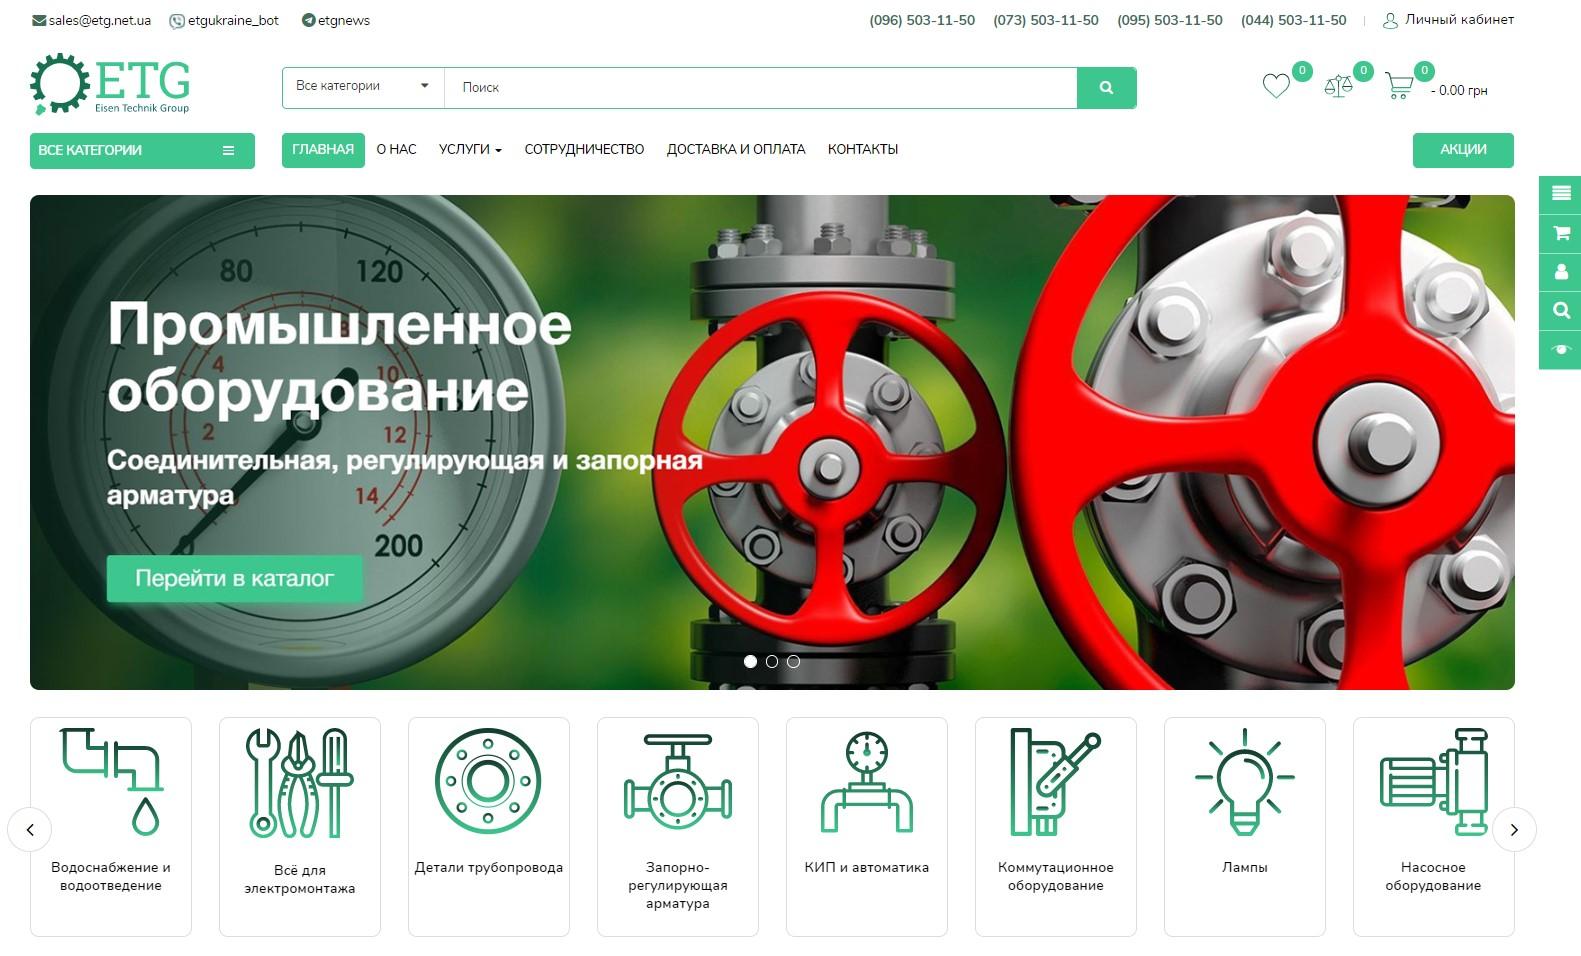 Интернет магазин для бизнеса электротоваров